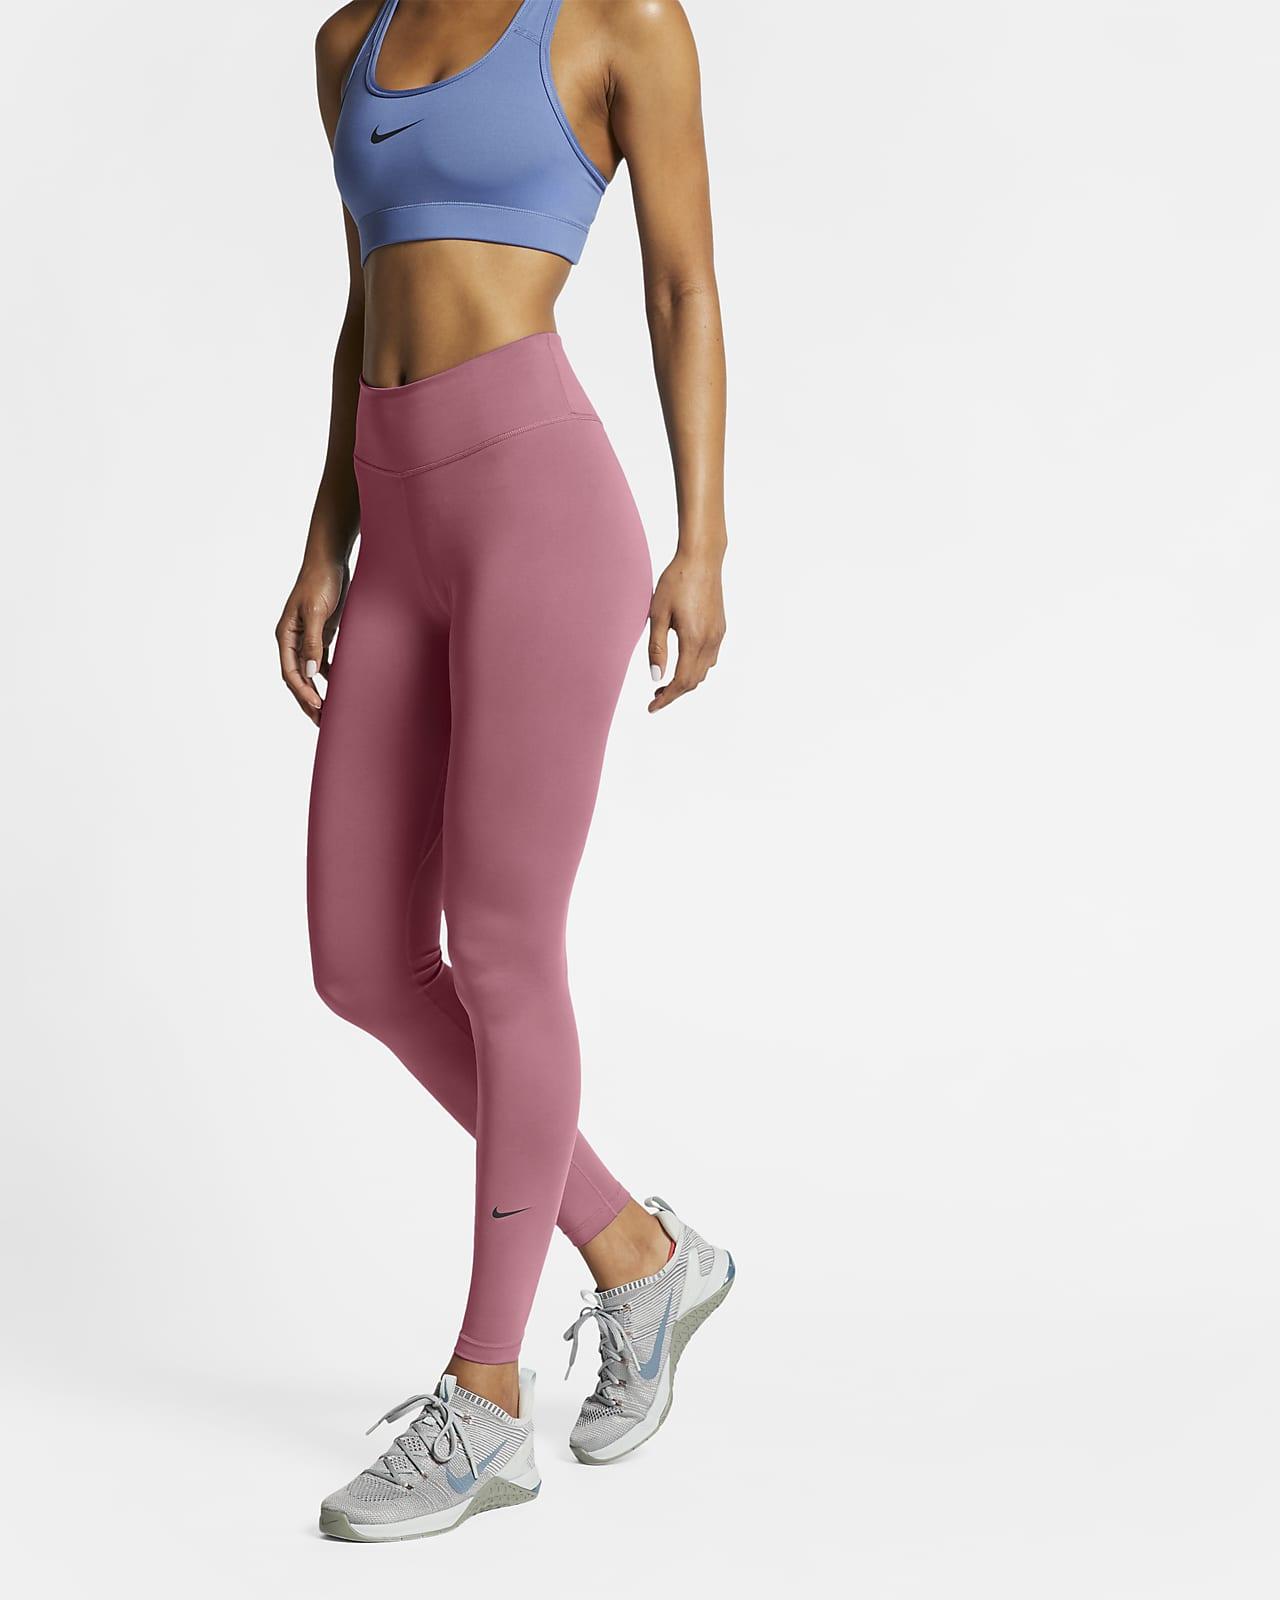 Nike One-tights med mellemhøj talje til kvinder